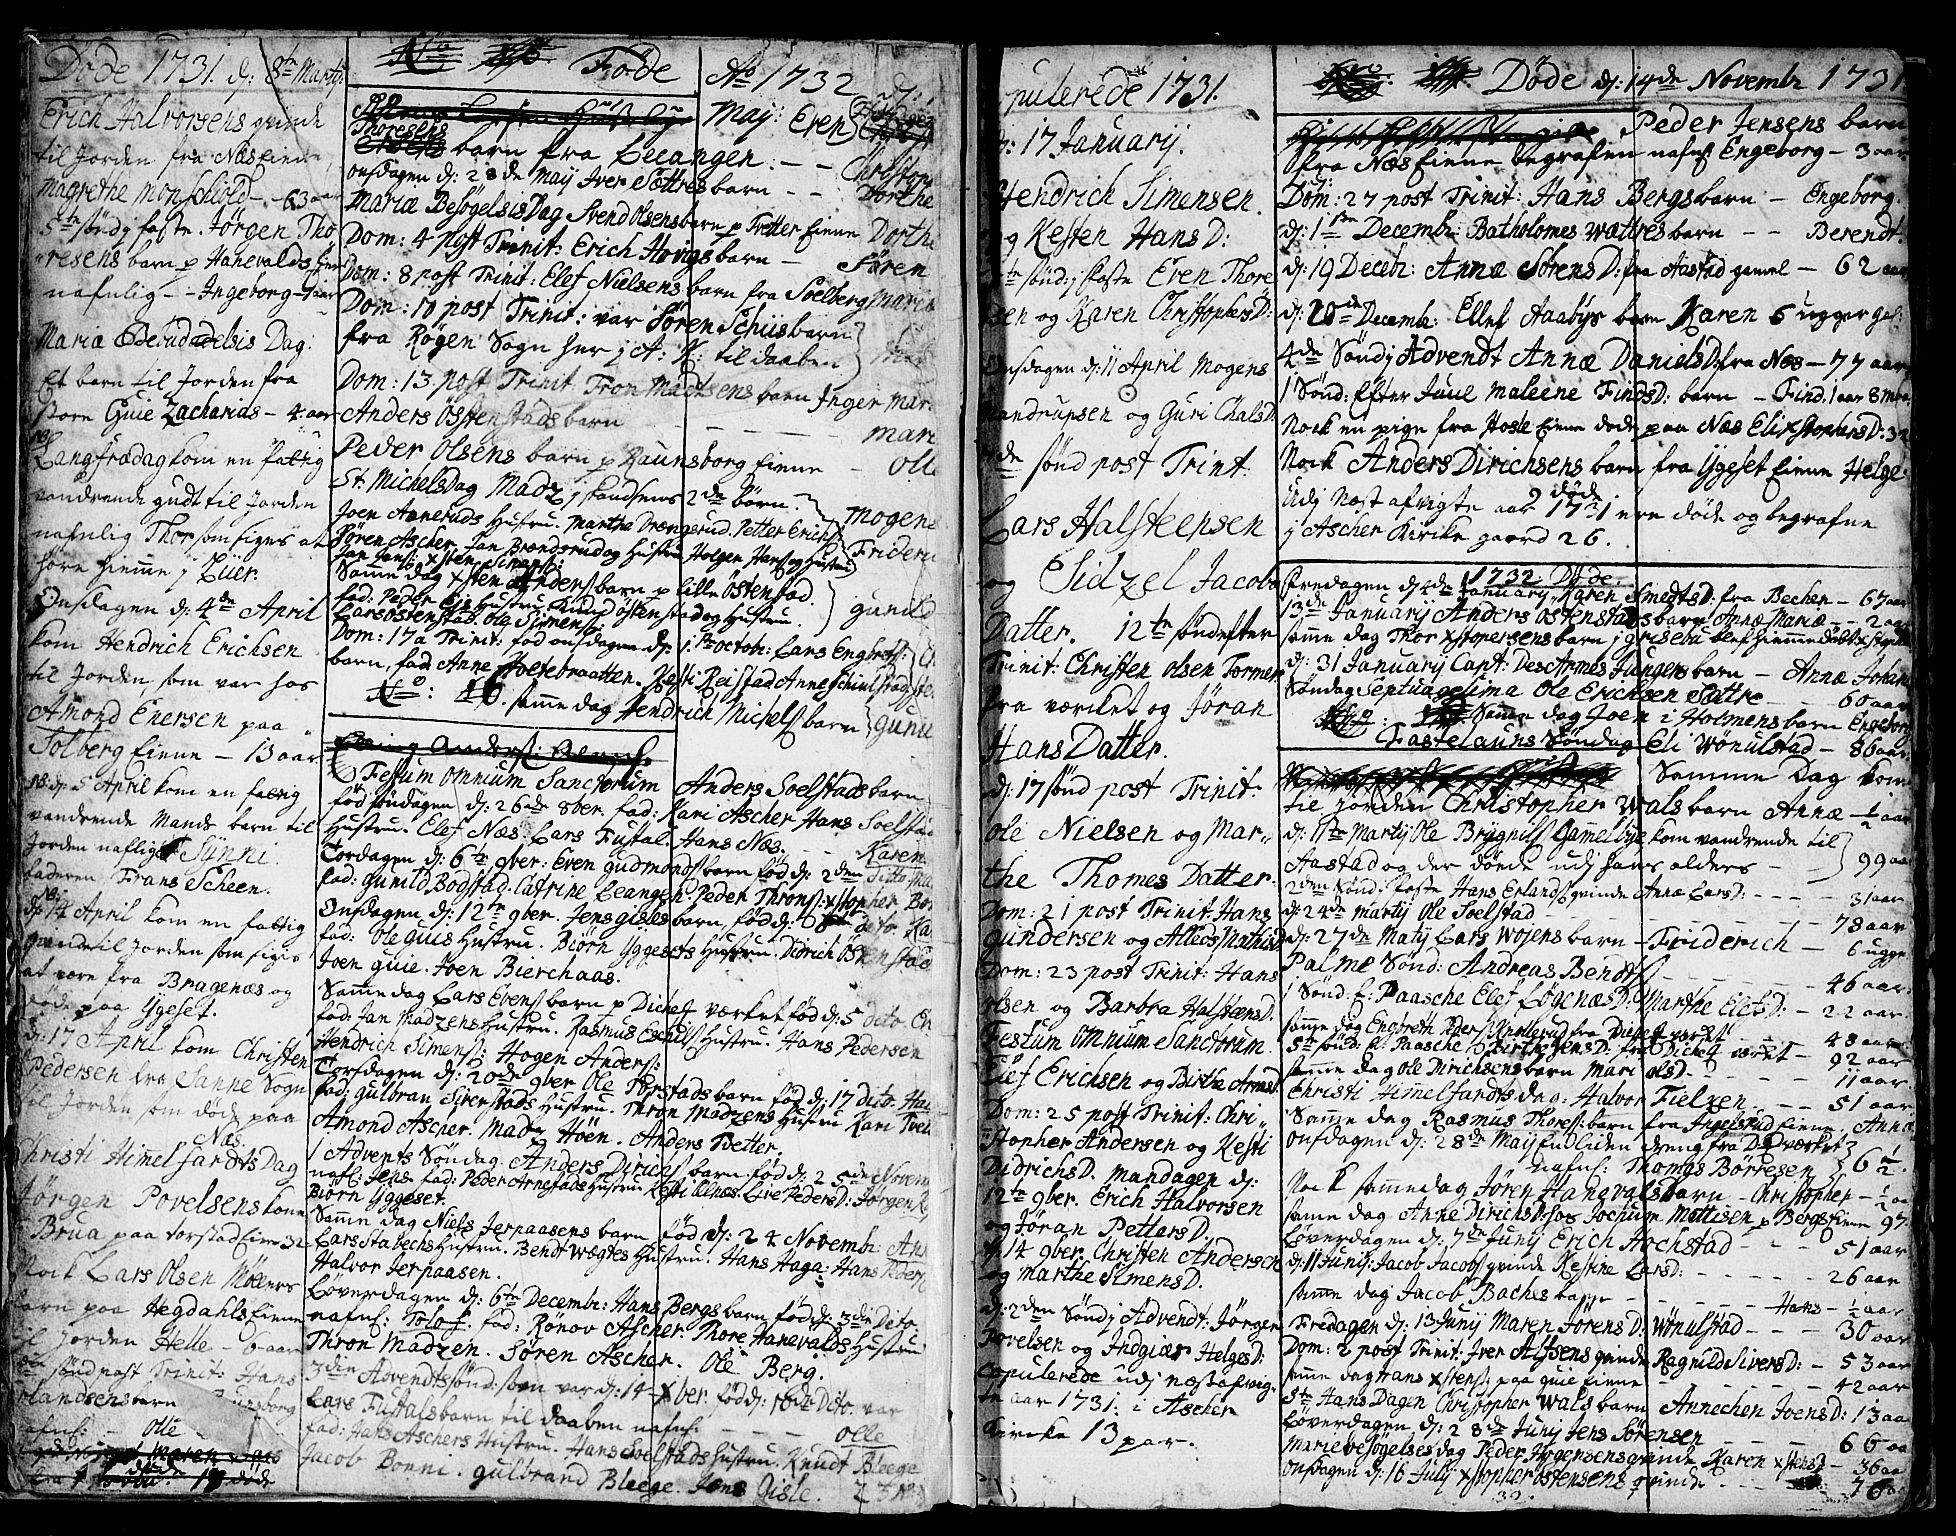 SAO, Asker prestekontor Kirkebøker, F/Fa/L0001: Ministerialbok nr. I 1, 1726-1744, s. 7